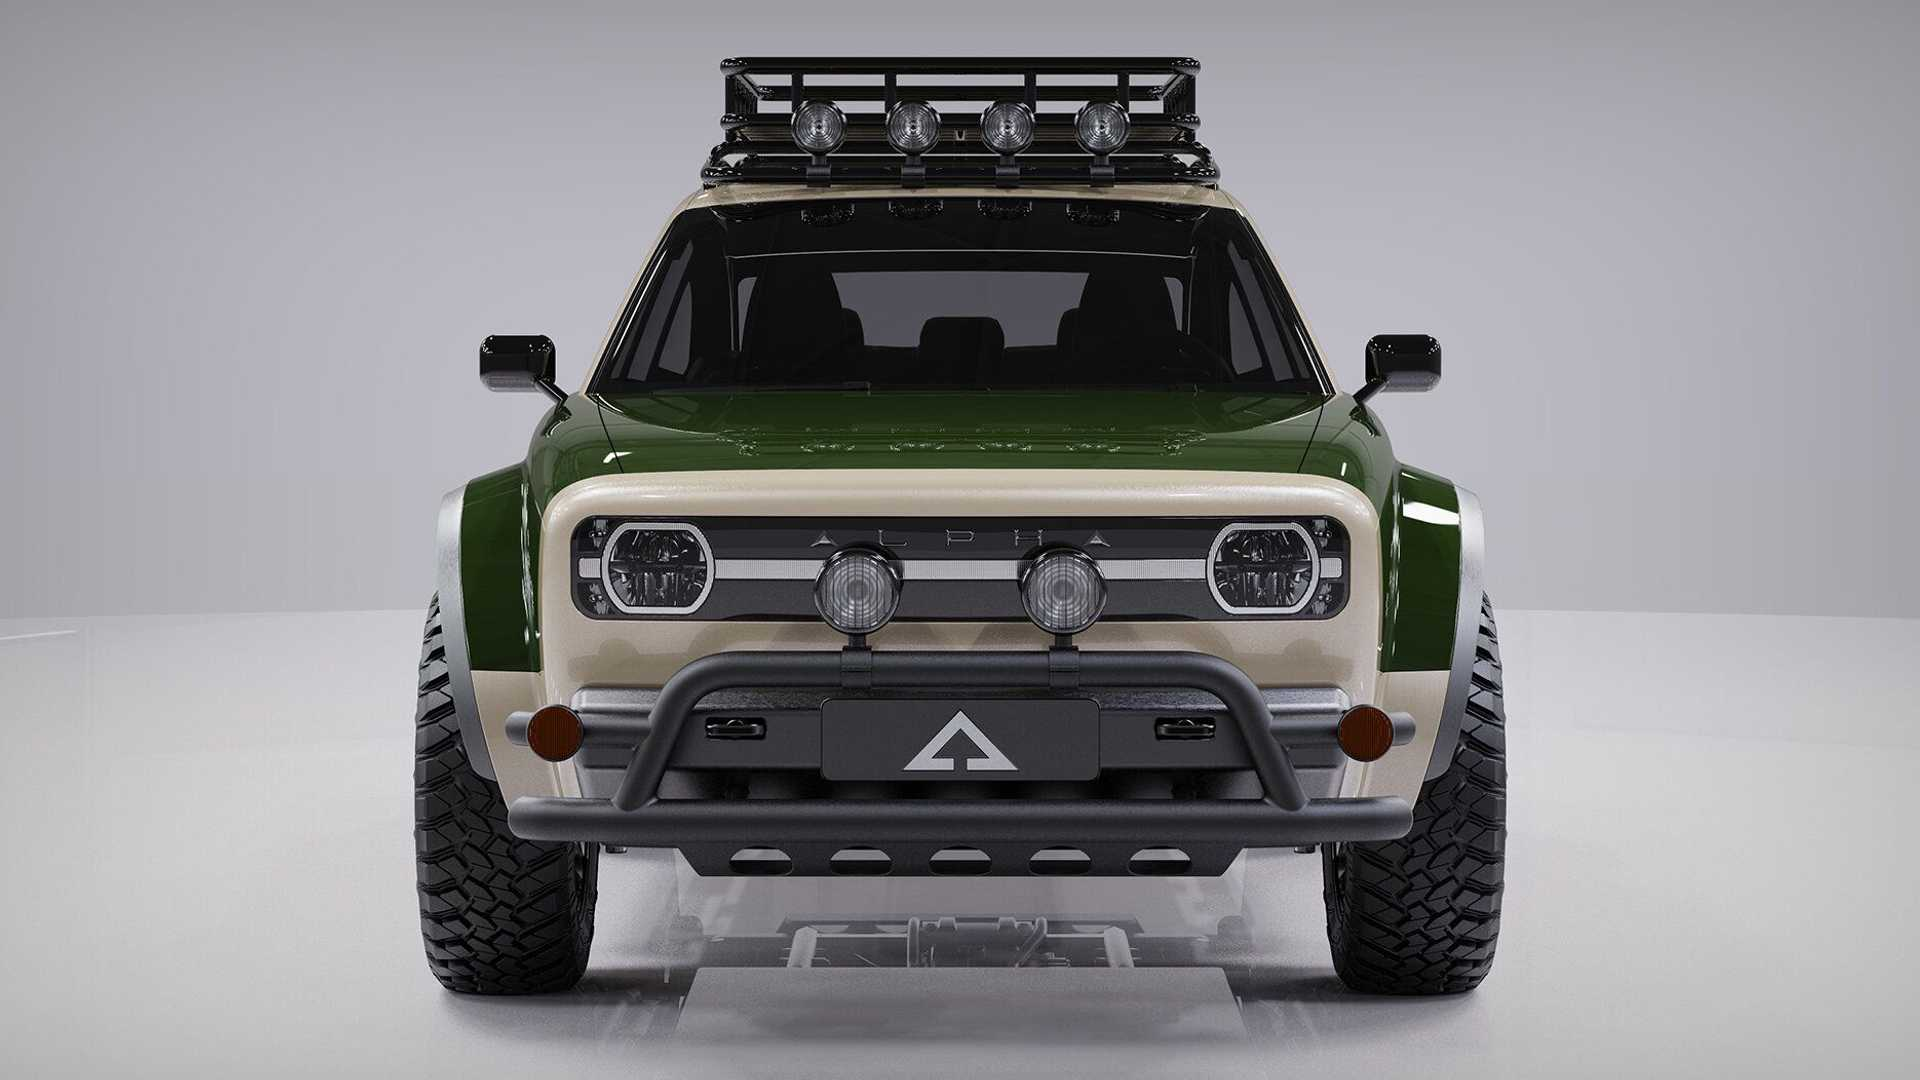 Alpha Jax Electric Cuv Front